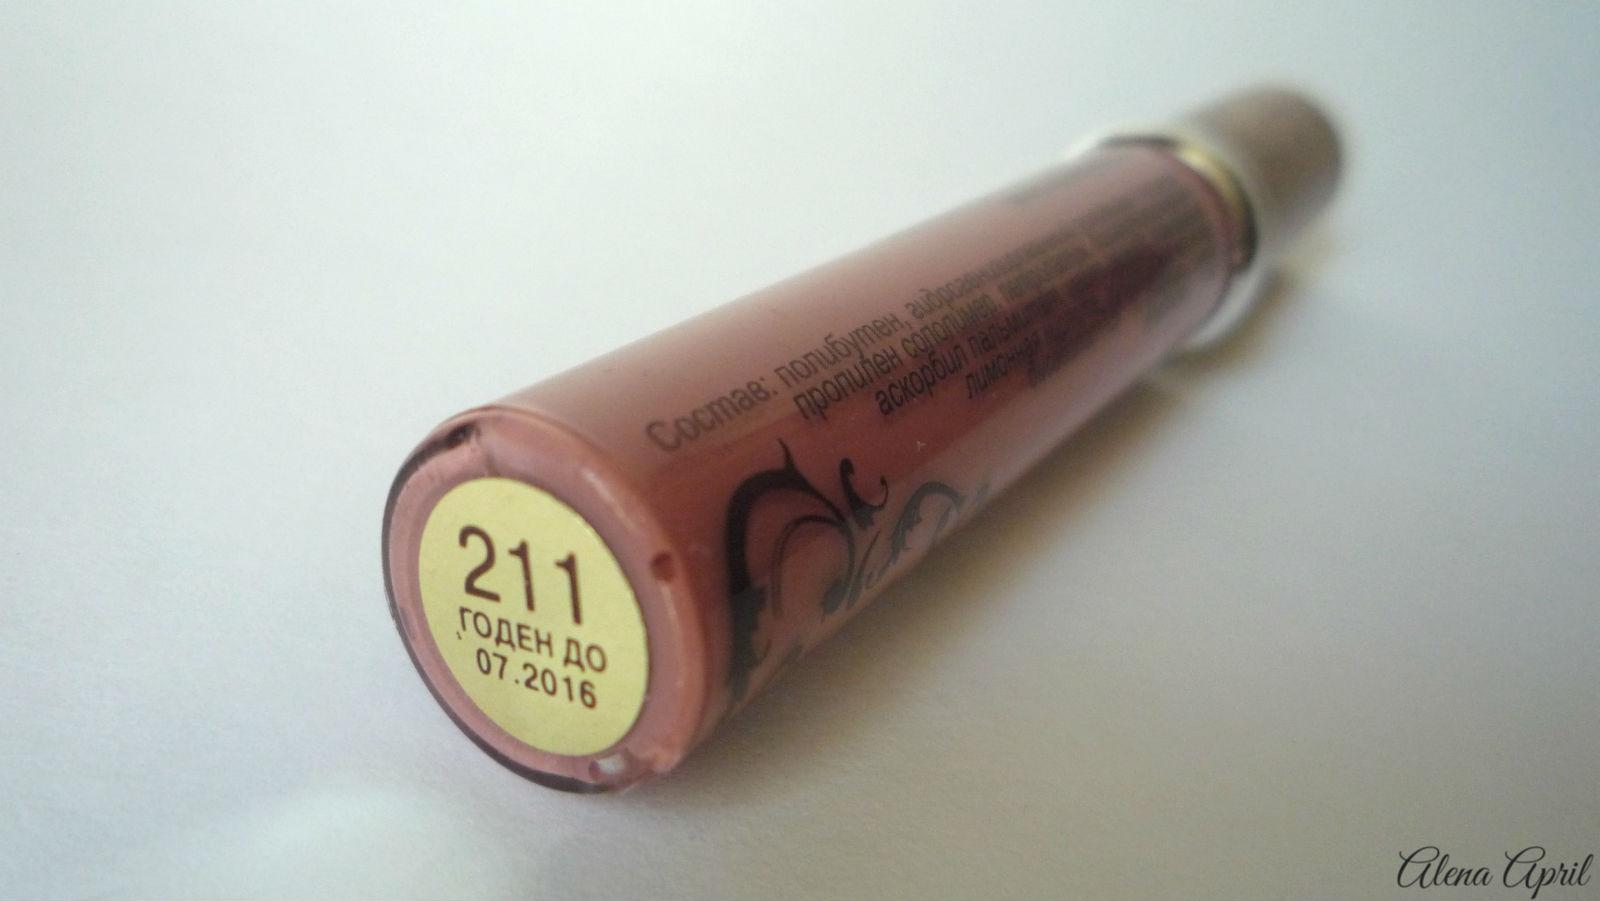 Стойкая жидкая помада Volume Liquid lipstick El Corazon в оттенке #211